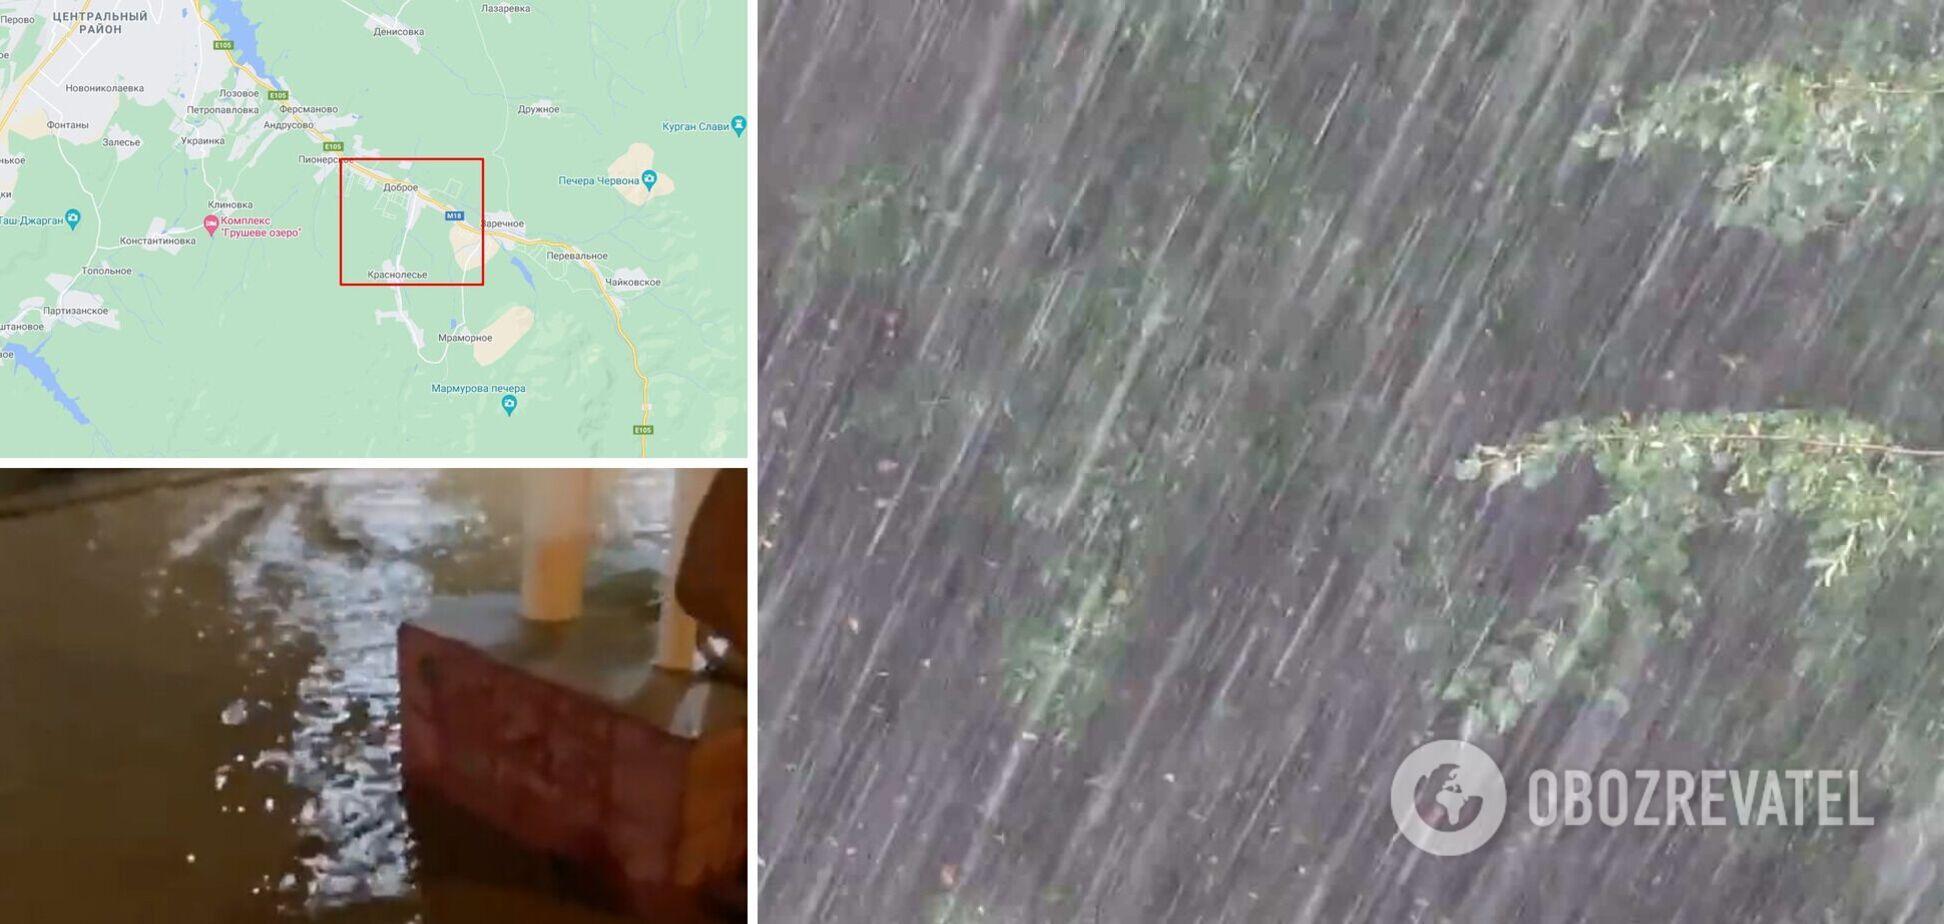 Под Симферополем сильный ливень затопил дома и дорогу на Ялту. Видео